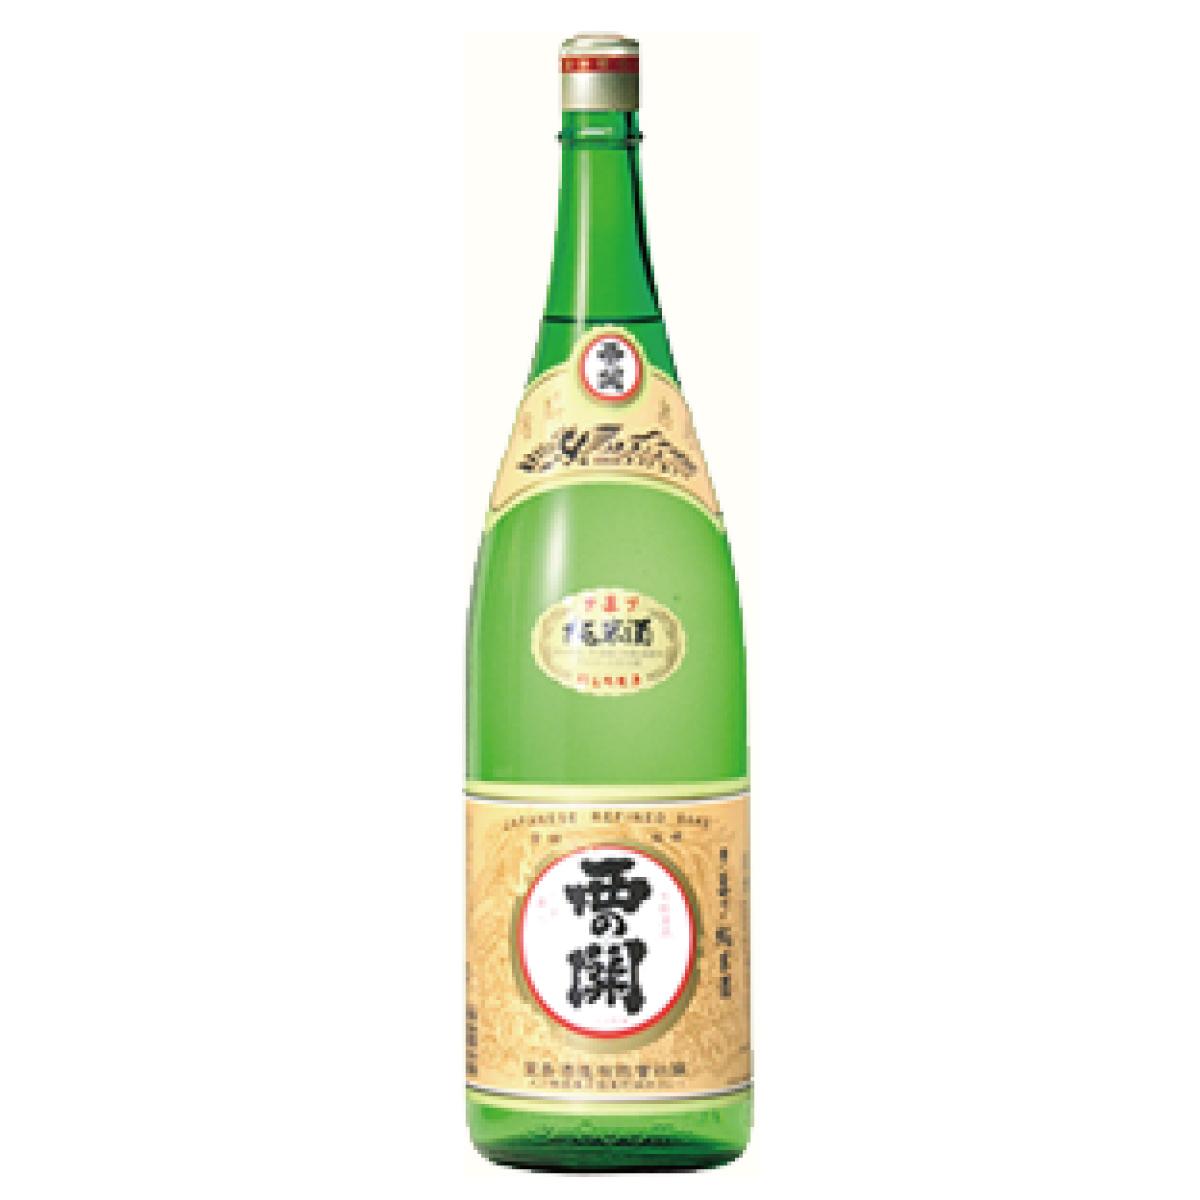 西の関 手造り純米酒 15度以上16度未満 1800ml